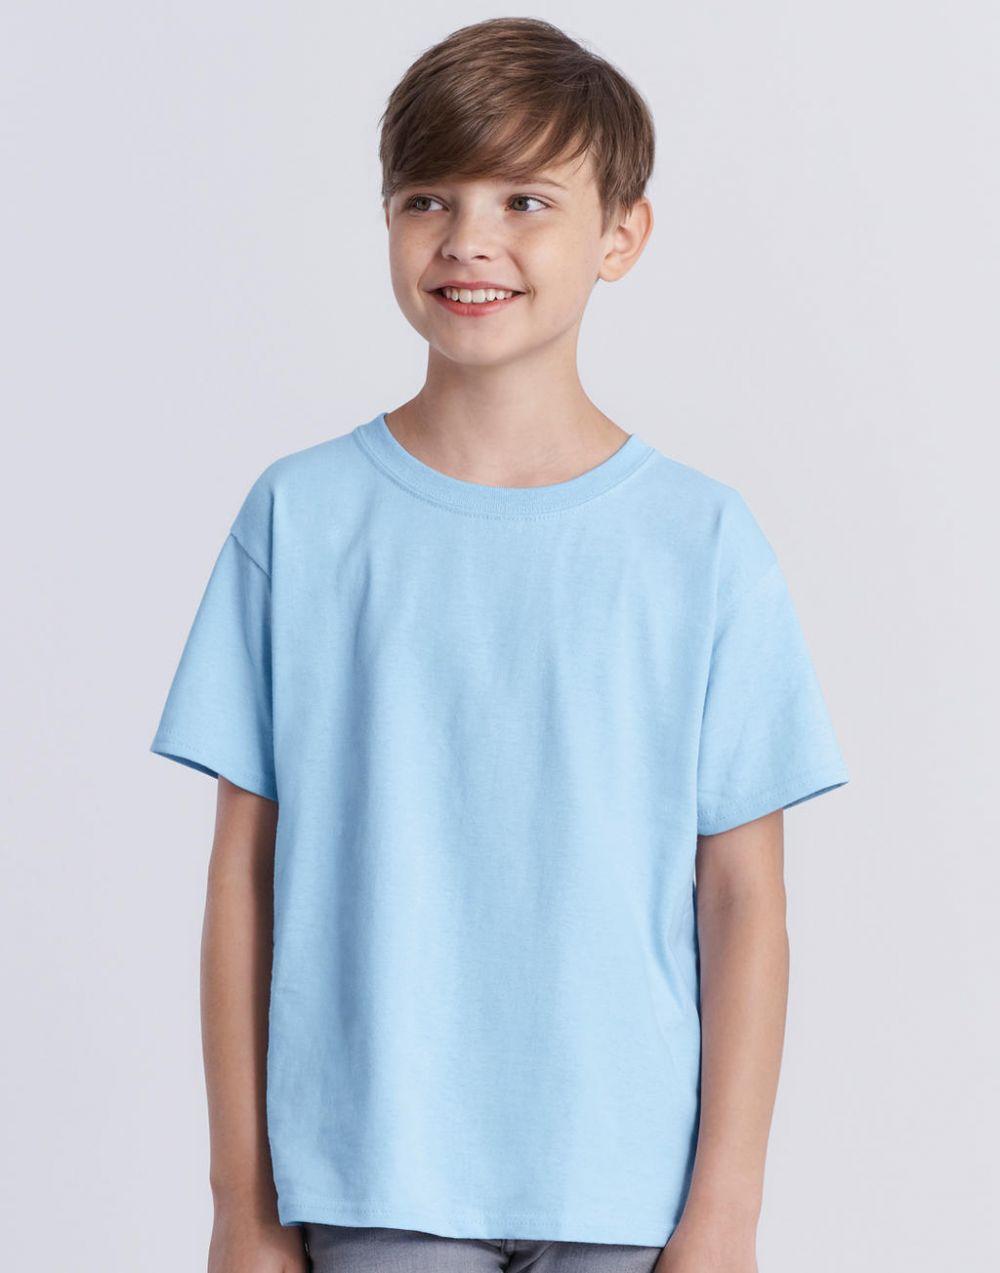 Camisetas manga corta gildan heavy niño con logo vista 1